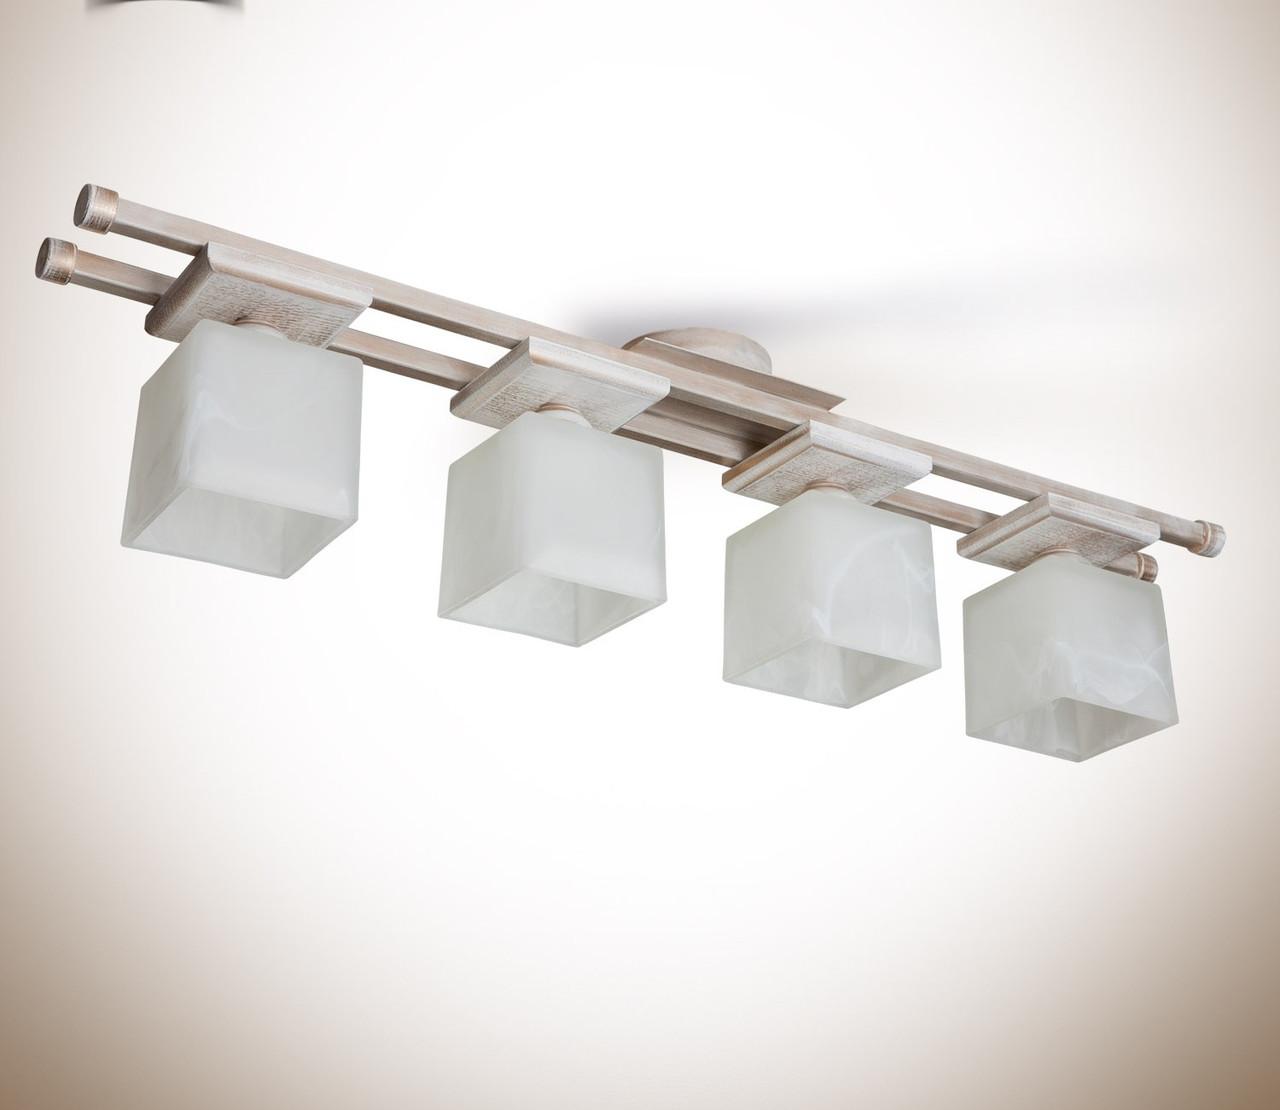 Люстра 4-х ламповая, металлическая, деревянная, спальня, зал, кухня, коридор 14644-1